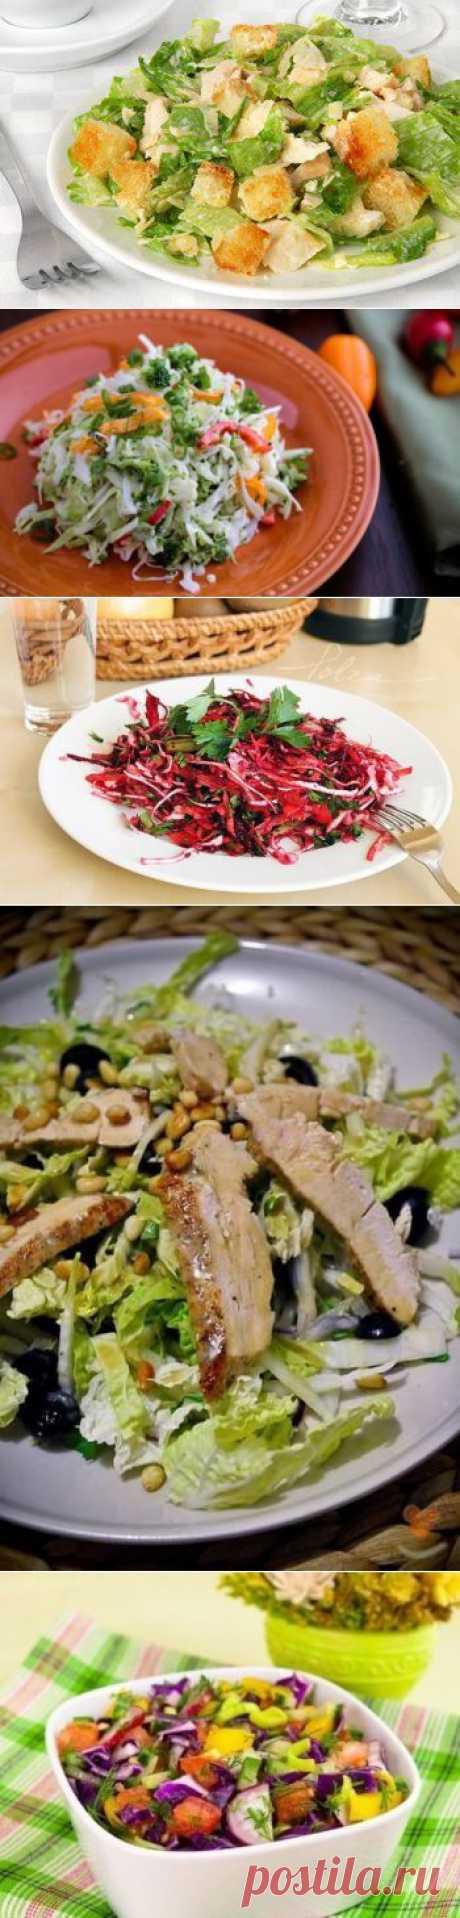 Салат из капусты - 5 рецептов с фото.